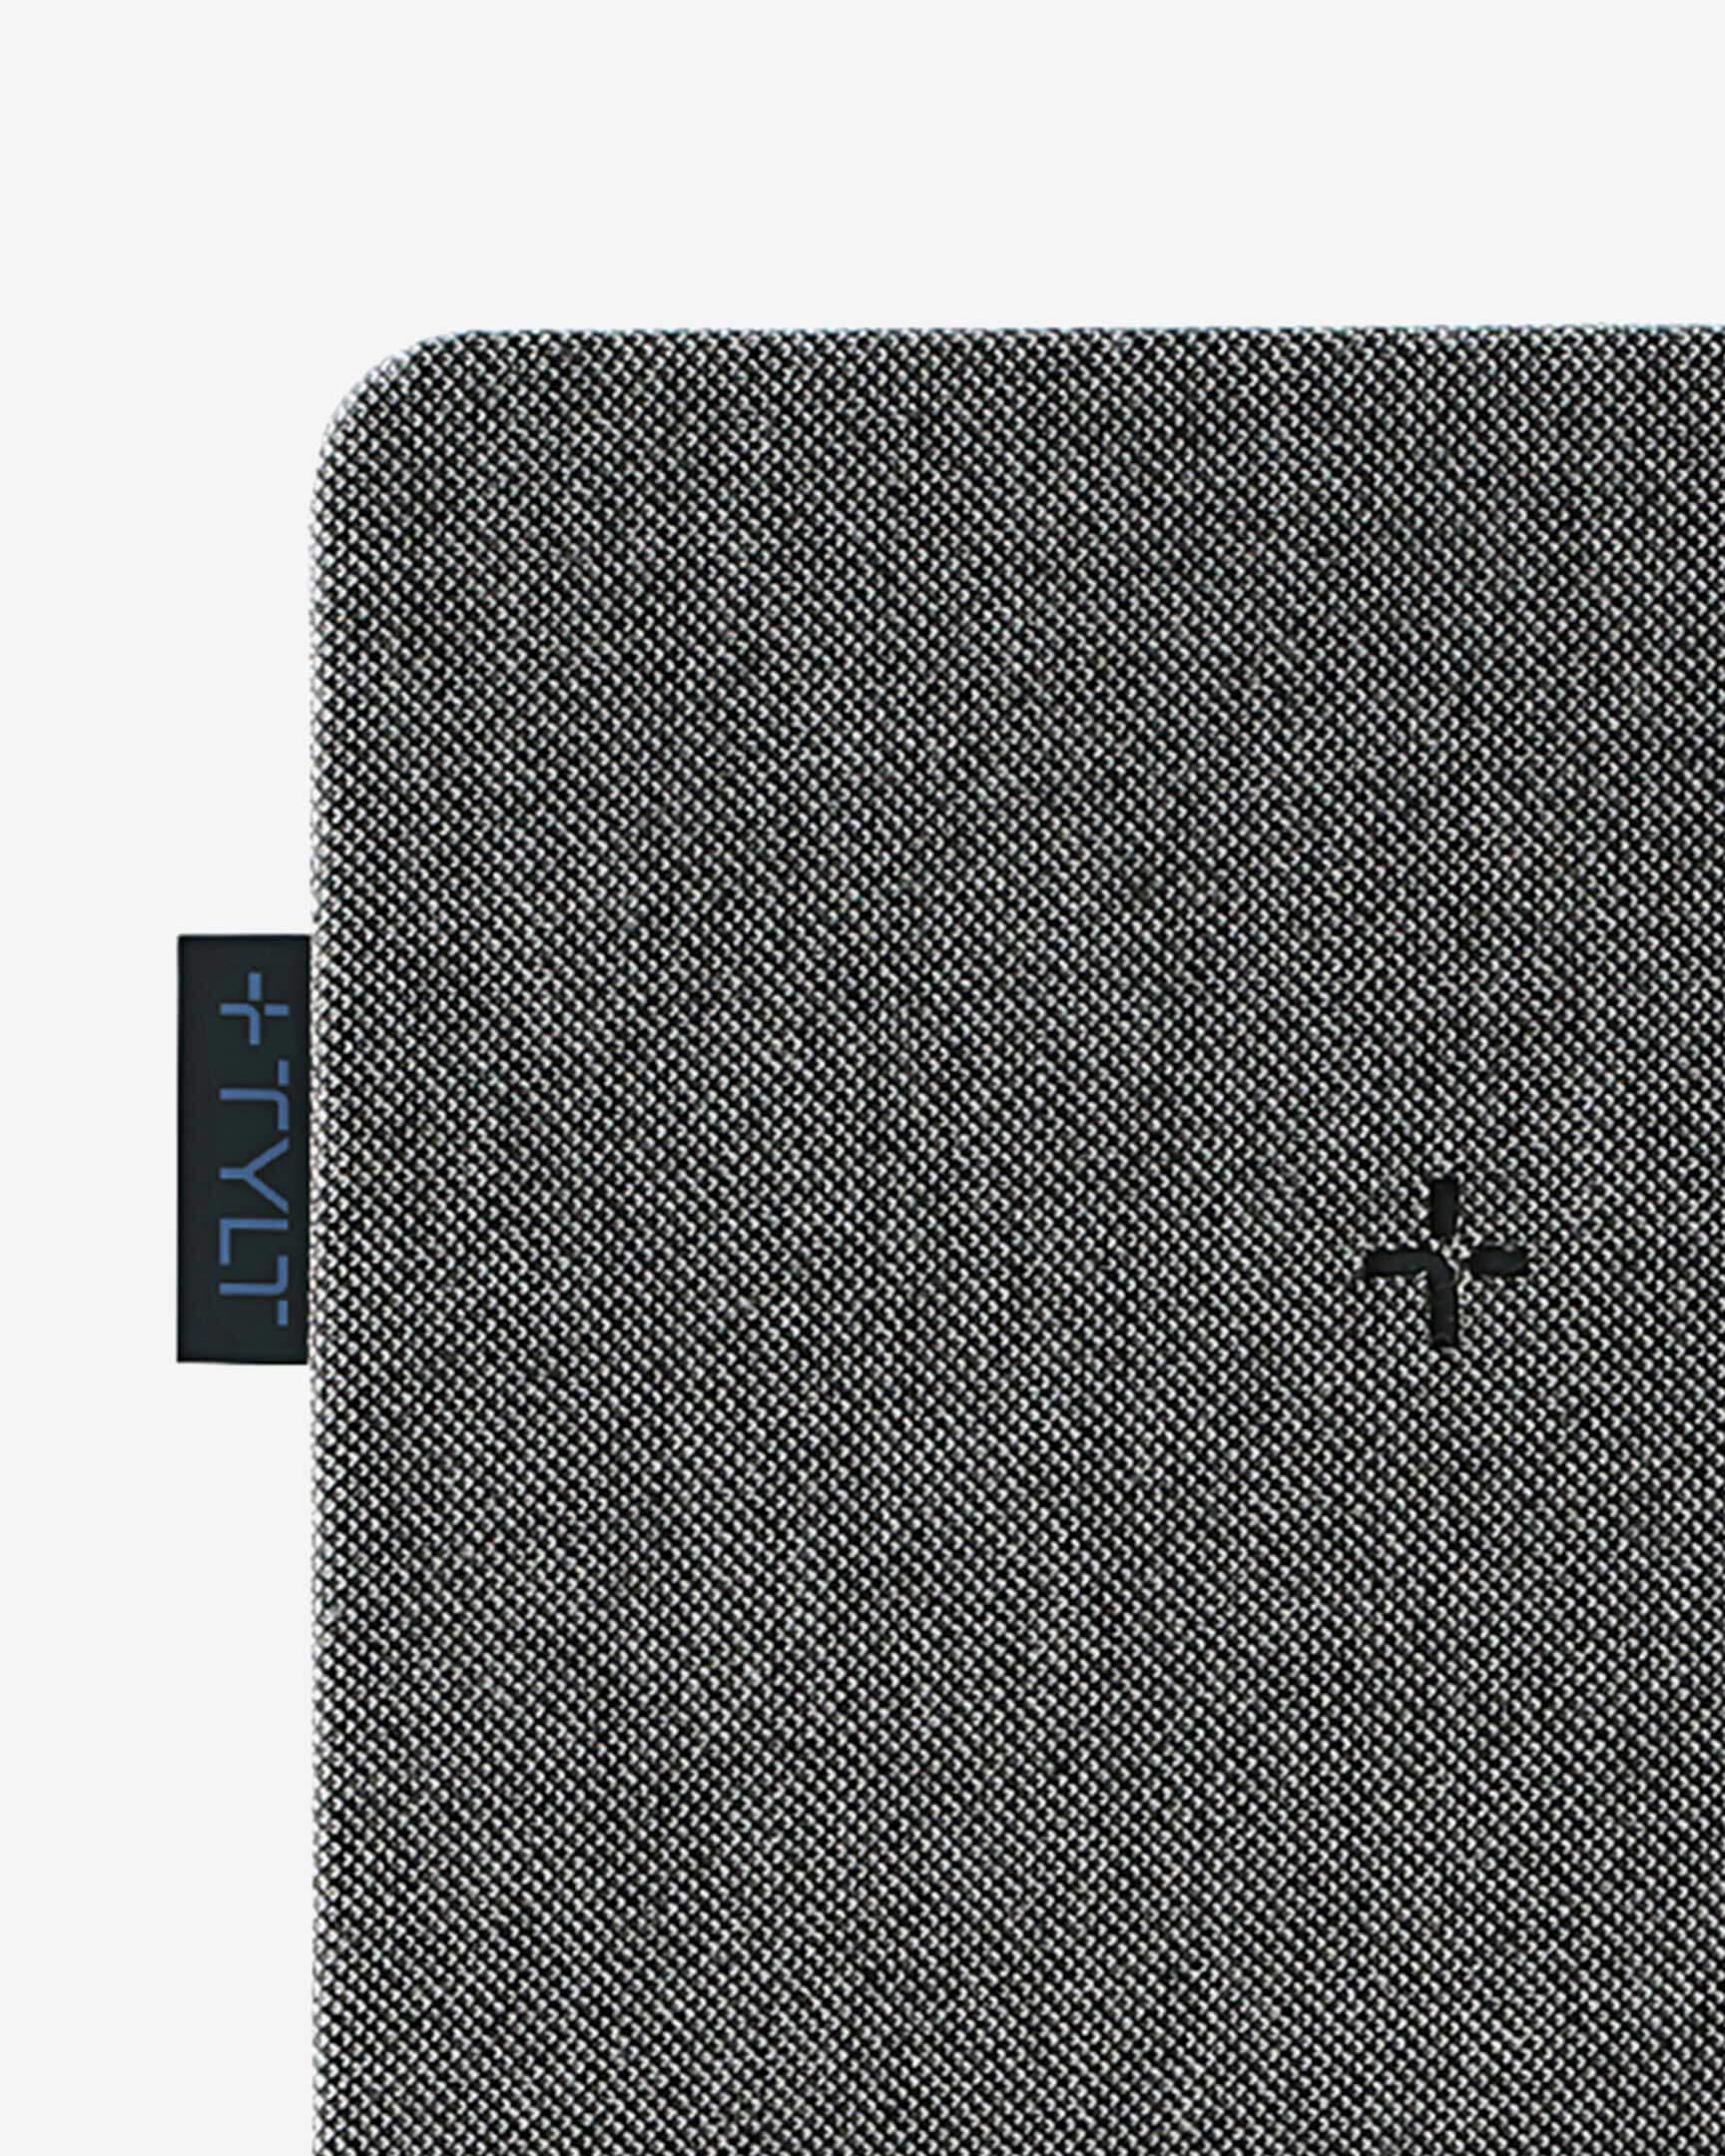 Mat fabric detail